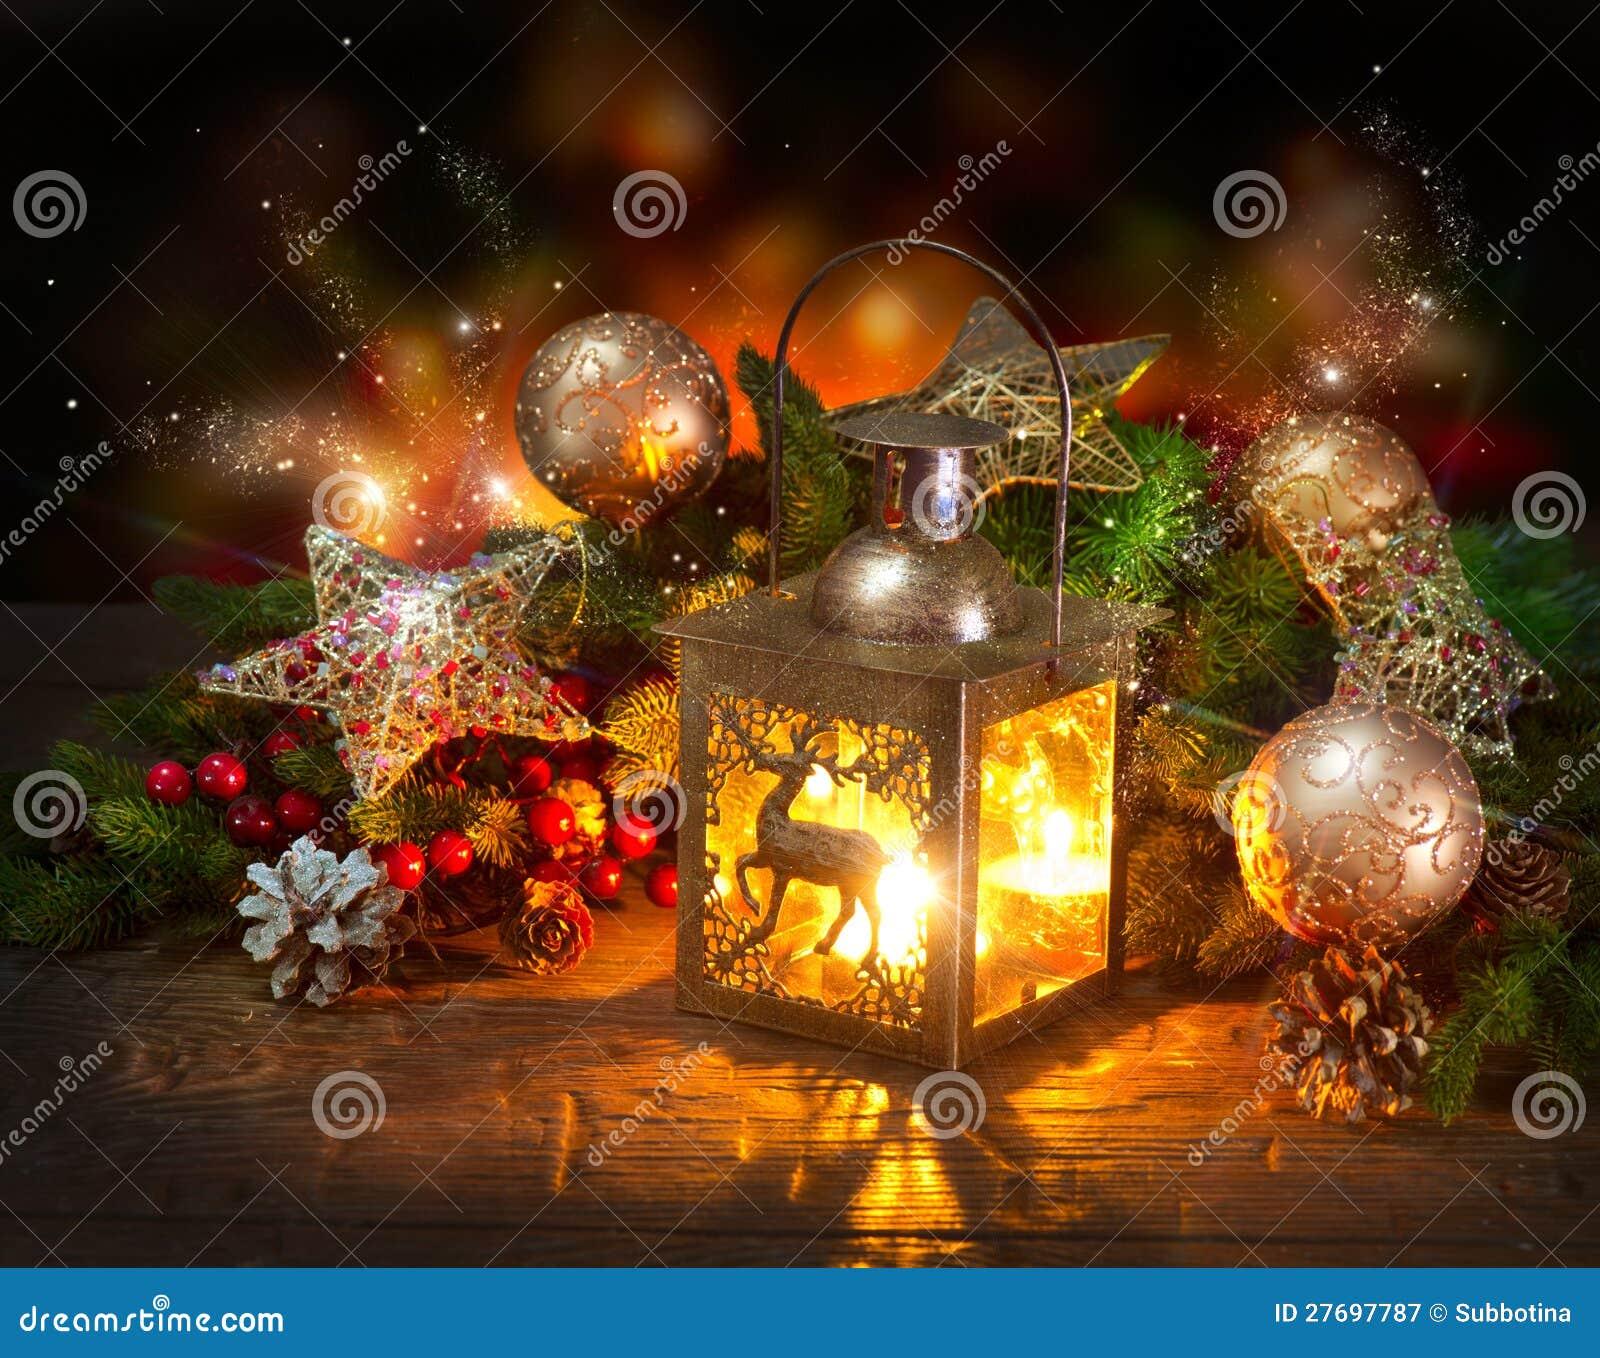 Weihnachtsszene. Gruß-Karte Stockbild - Bild von schön, gold: 27697787